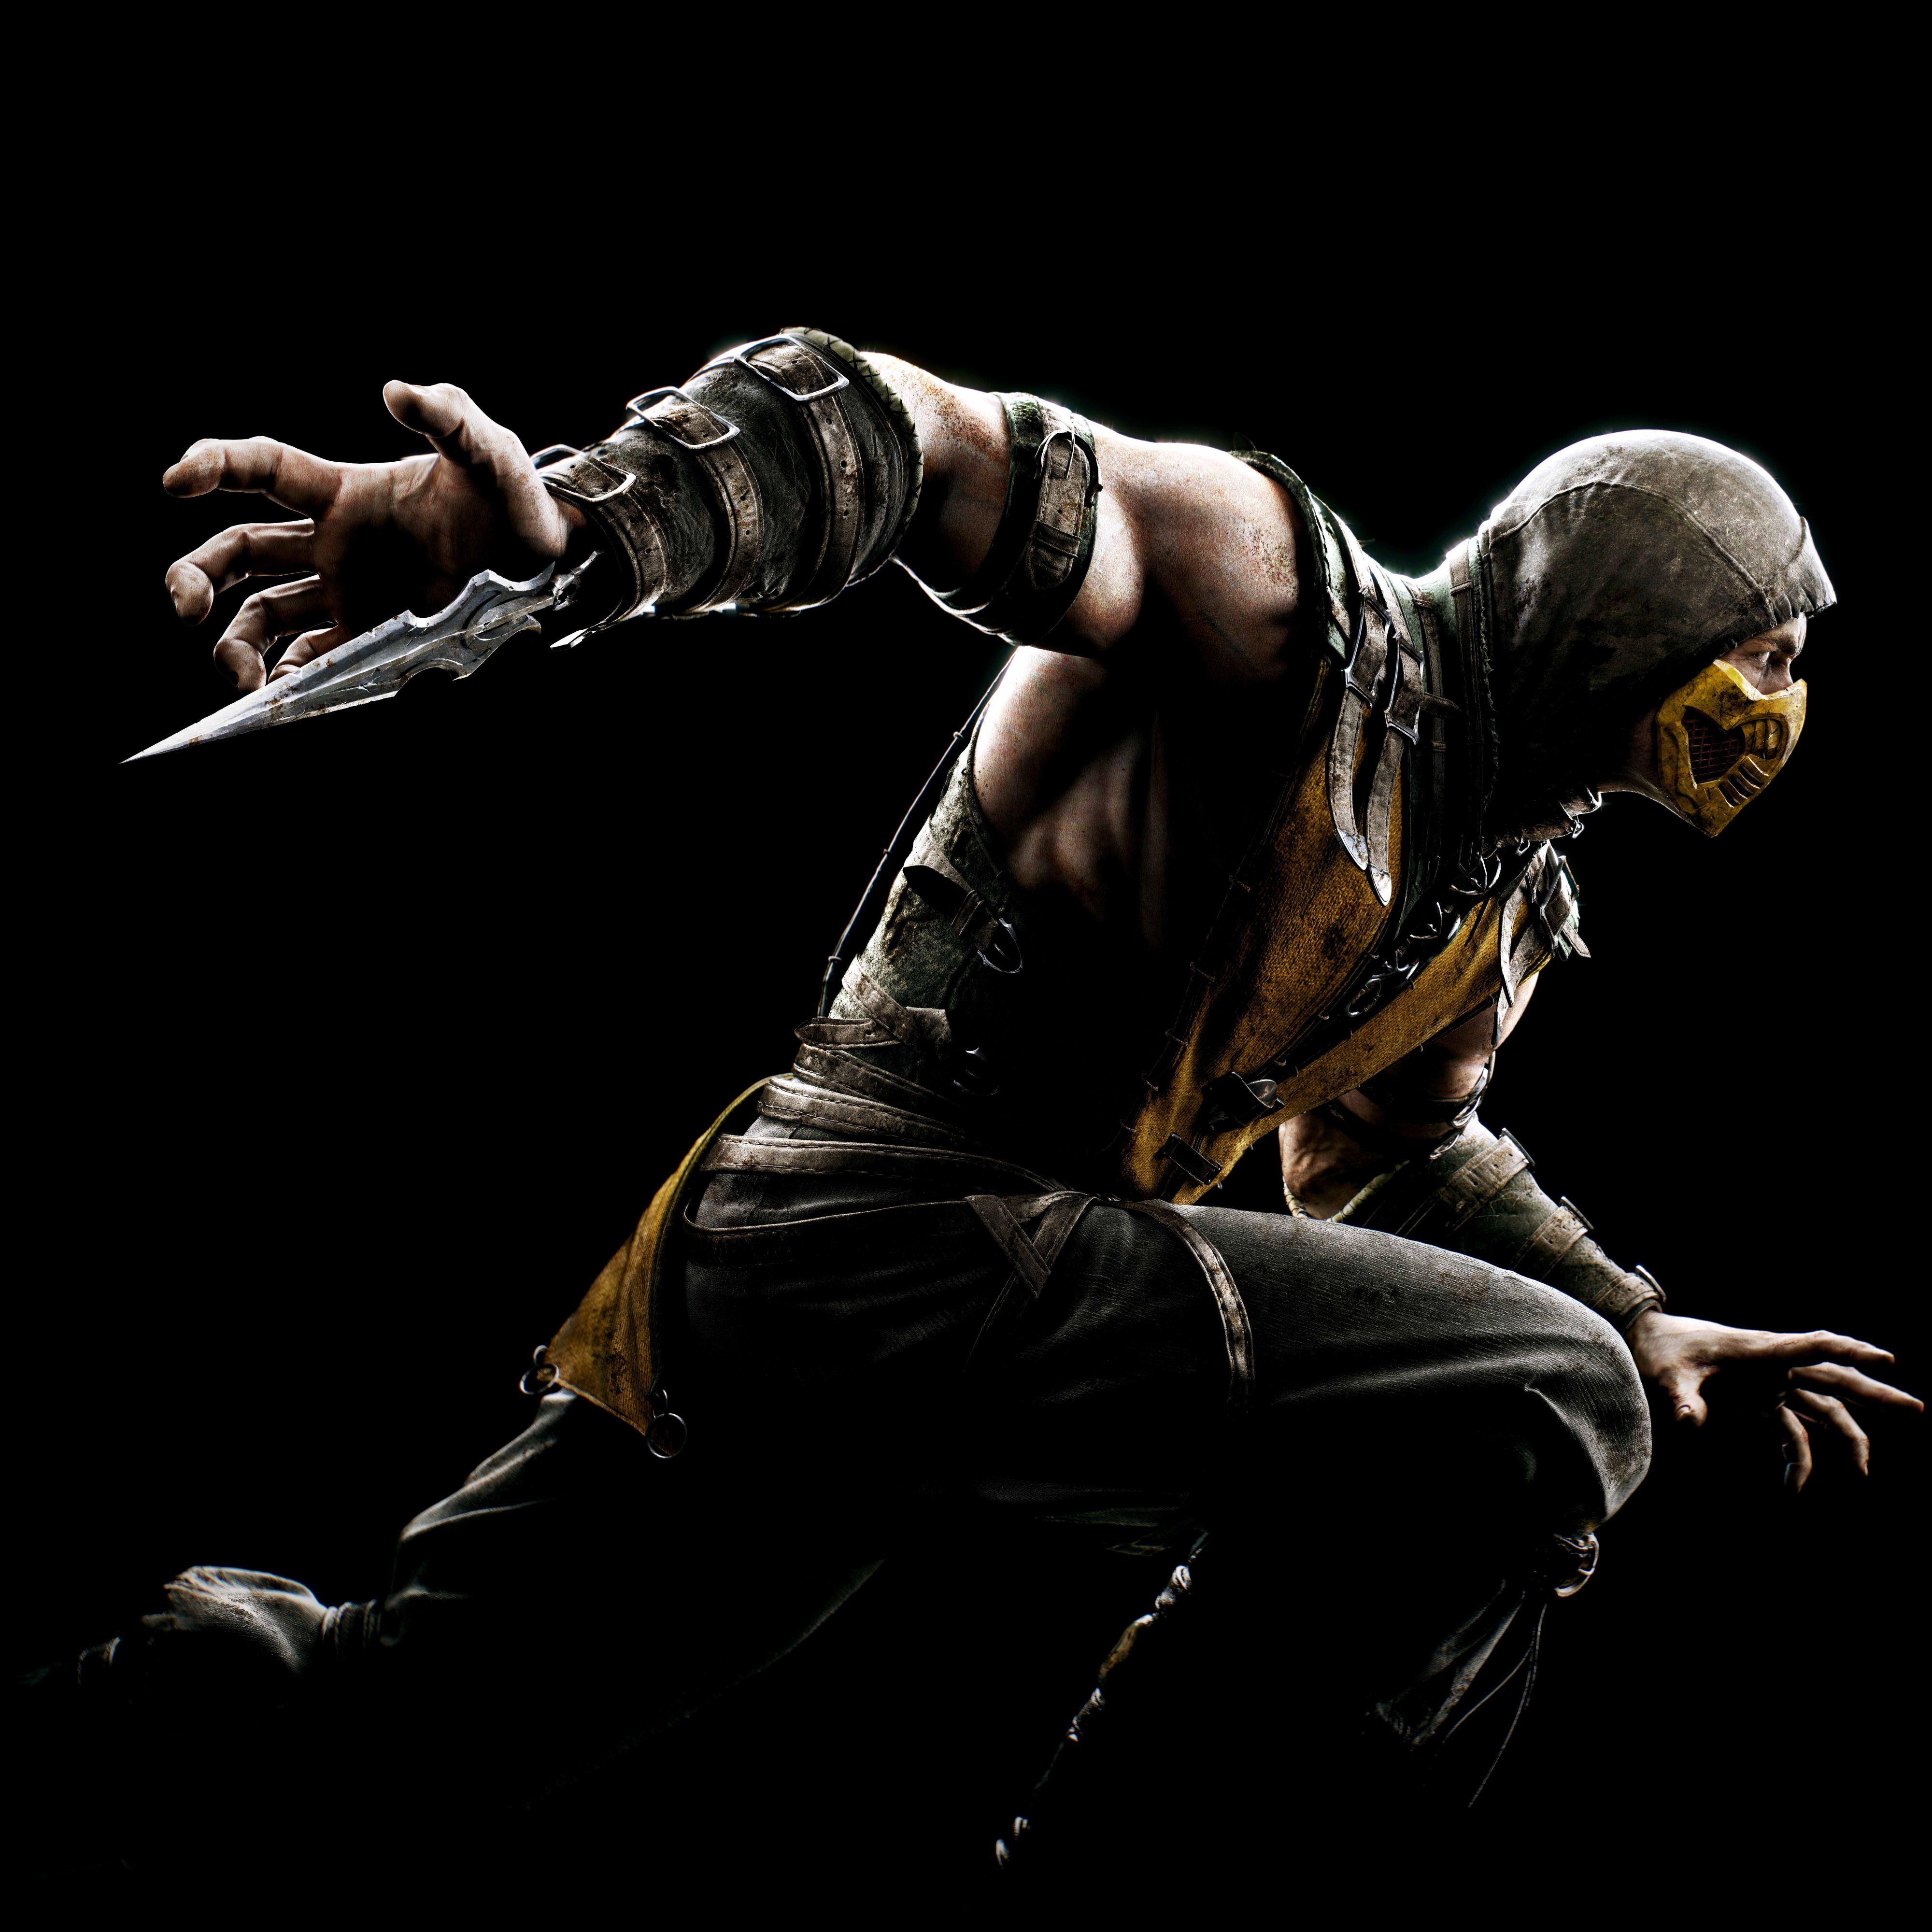 Mortal Kombat X: vídeo vazado mostra fatality inédito do Scorpion!